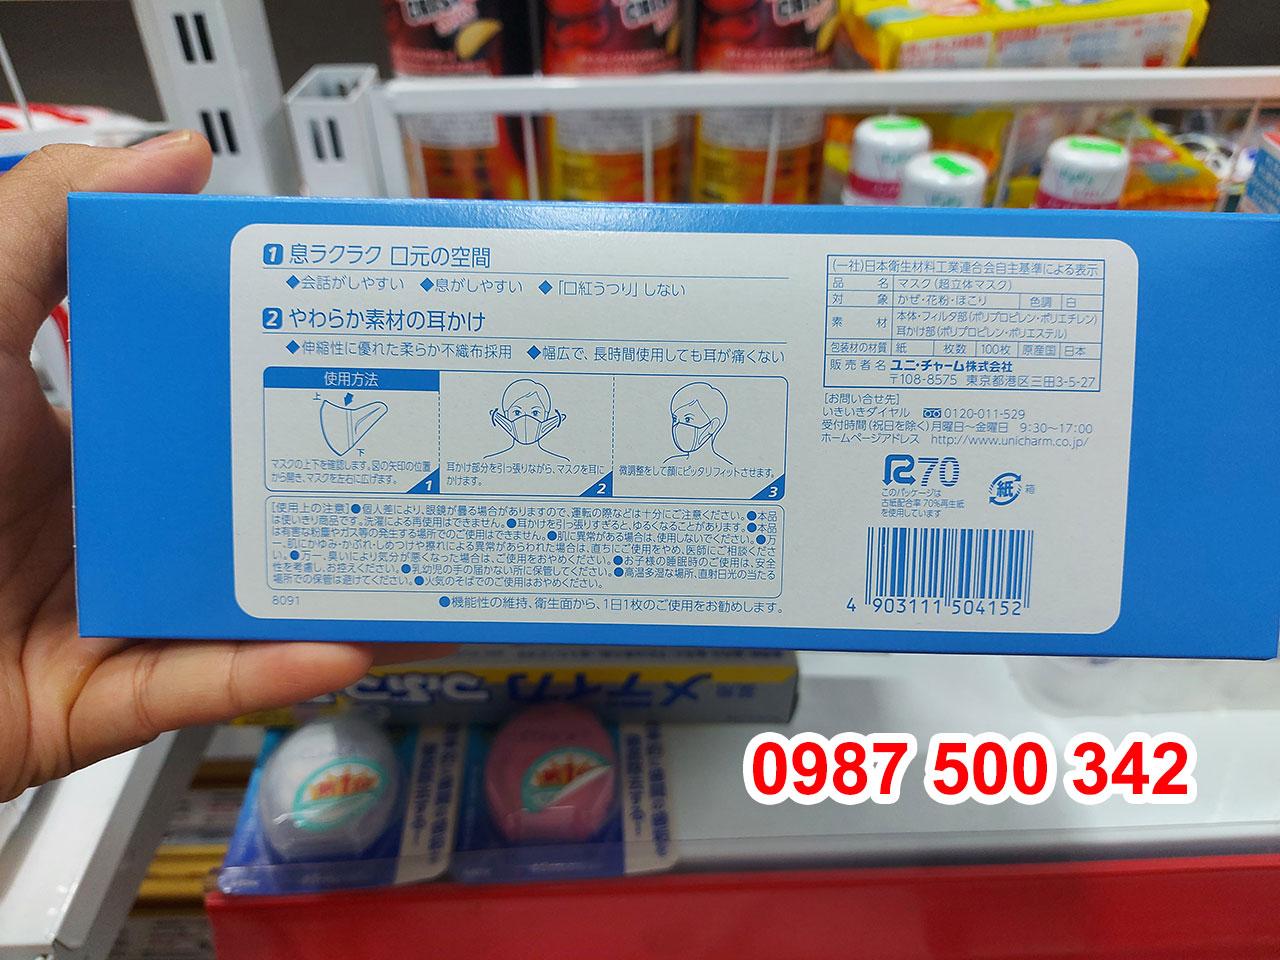 Thông tin, hướng dẫn sử dụng khẩu trang Unicharm Nhật Bản